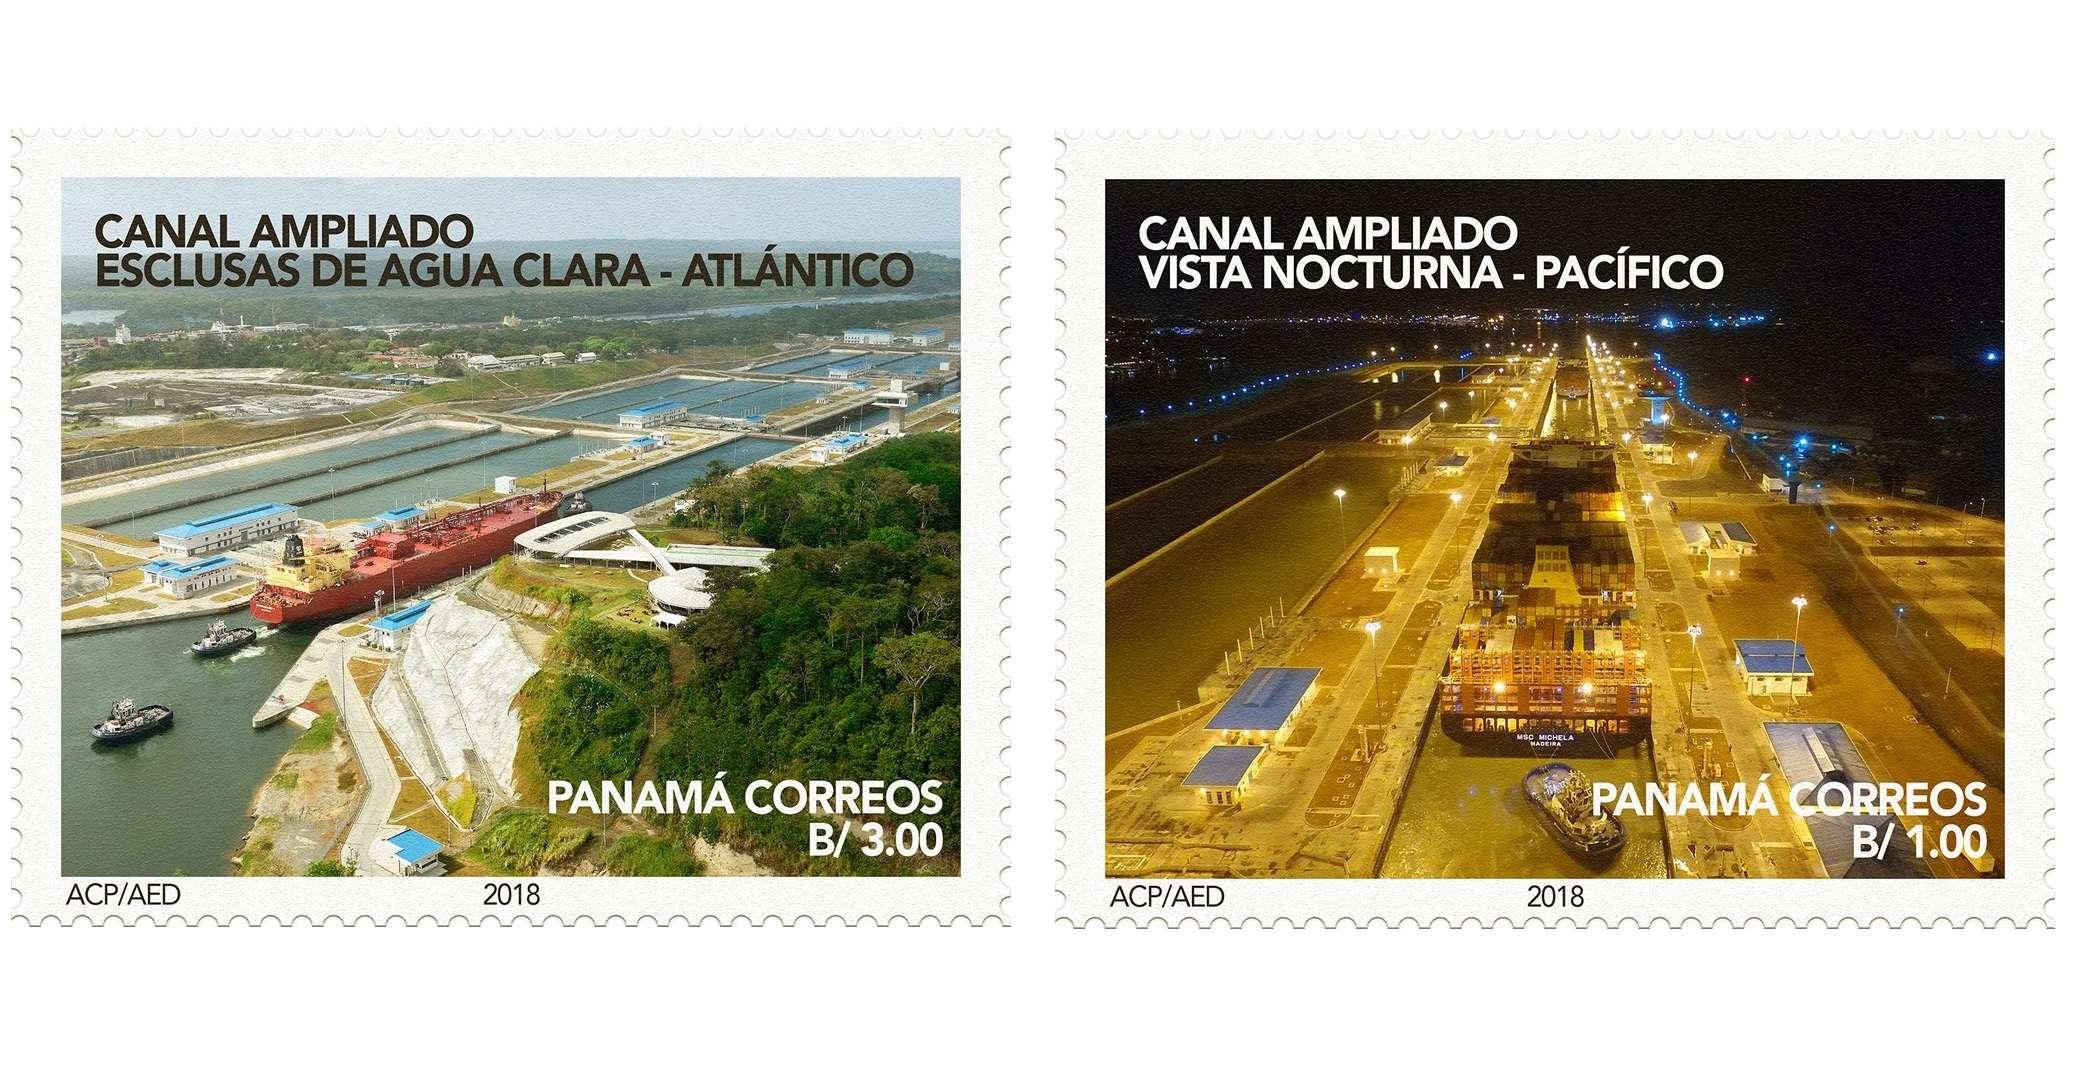 Emitirán un total de 120.000 sellos conmemorativos de la ampliación de la vía interoceánica. @canaldepanama